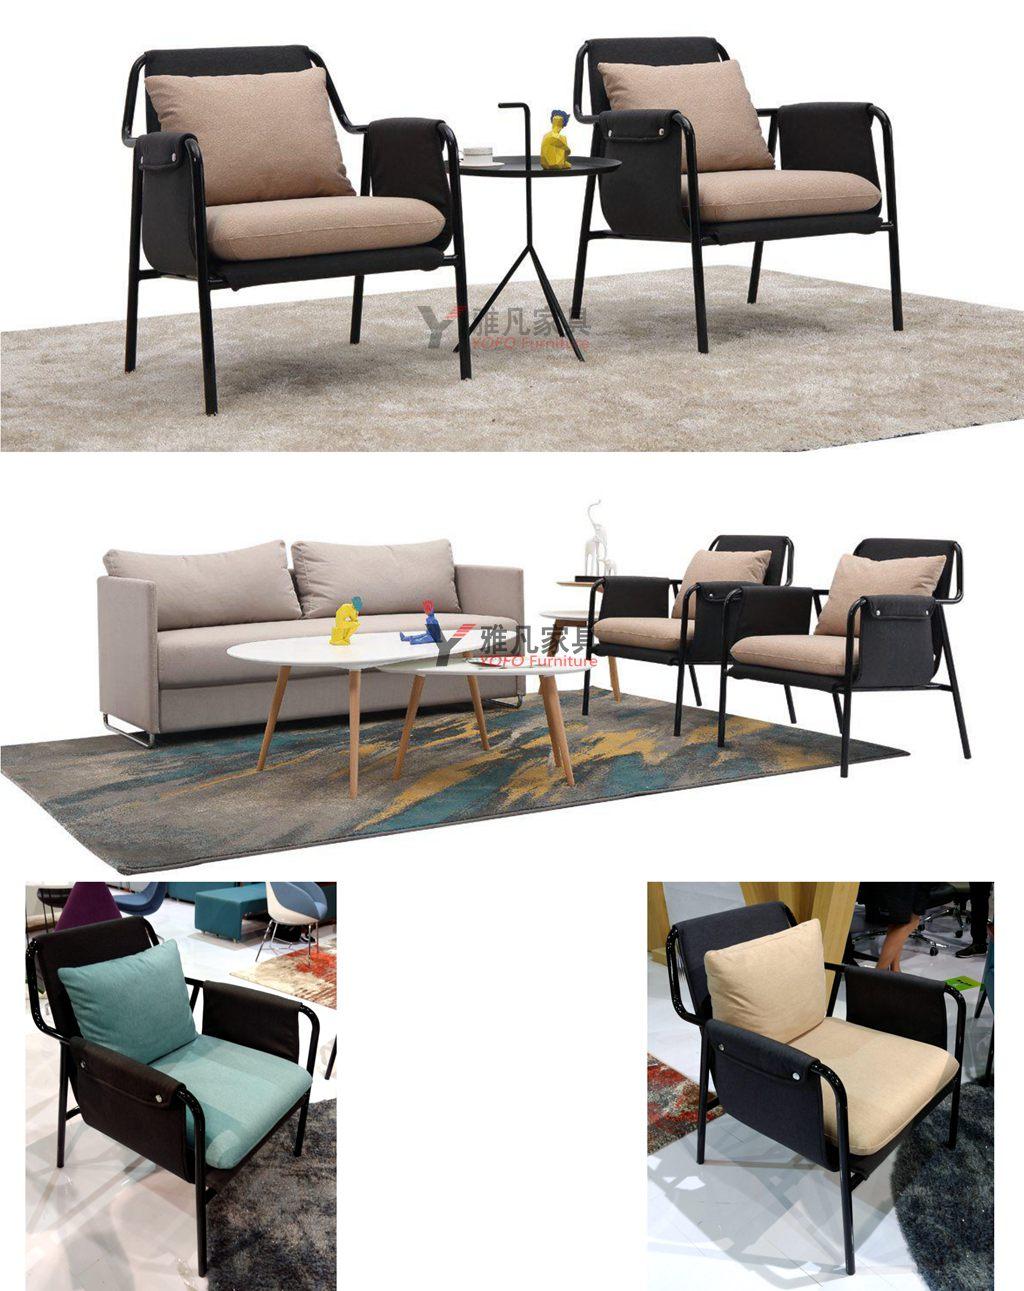 休闲椅|休闲沙发|洽谈椅|现代休闲亚博体育app苹果版本YF-F9220